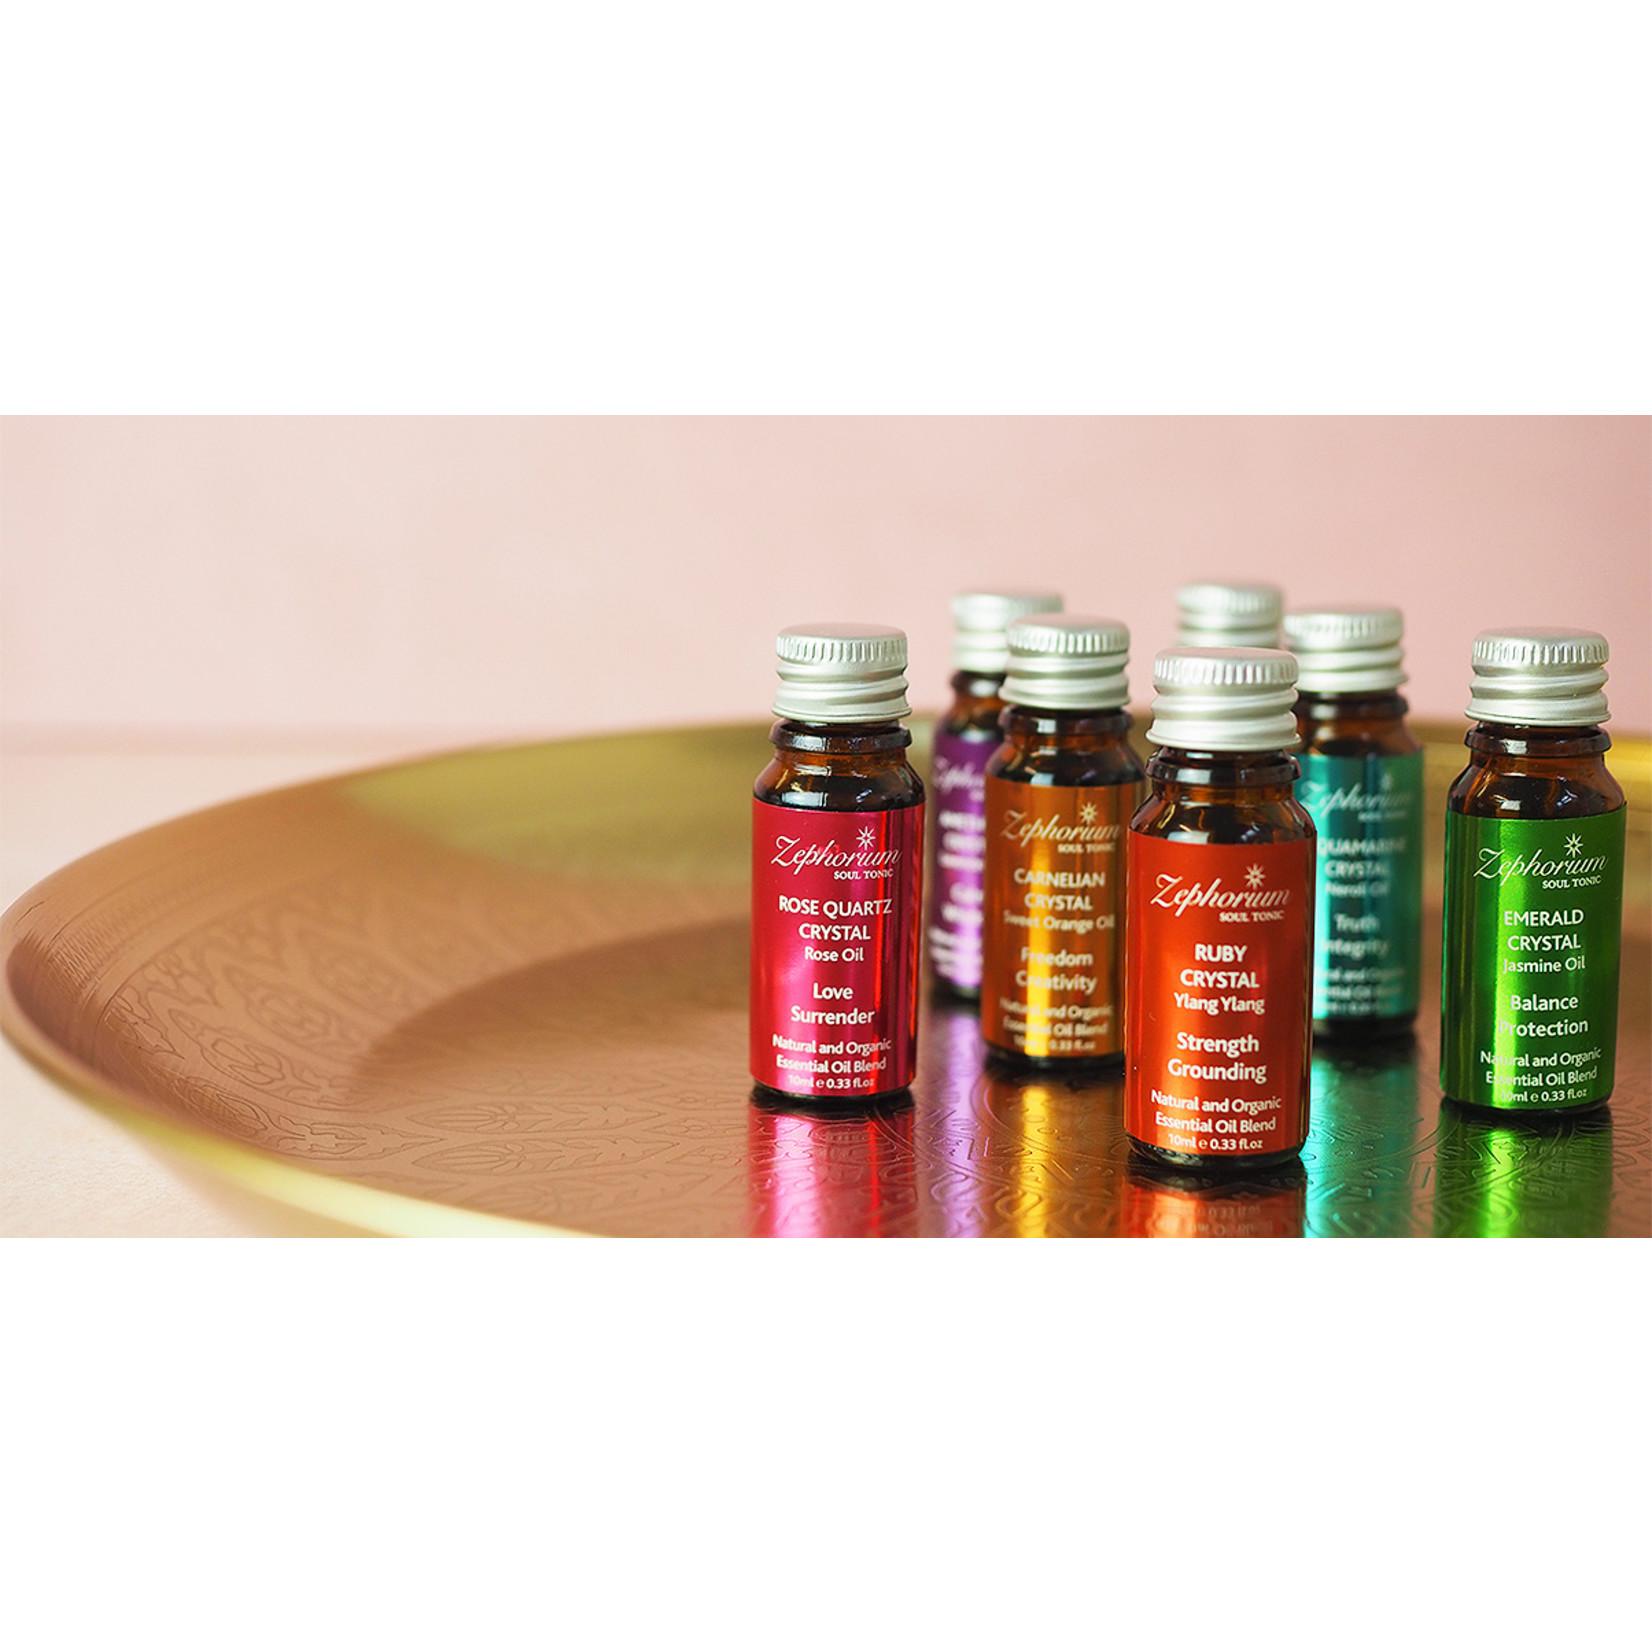 Citrine essential oil blend - solar plexus